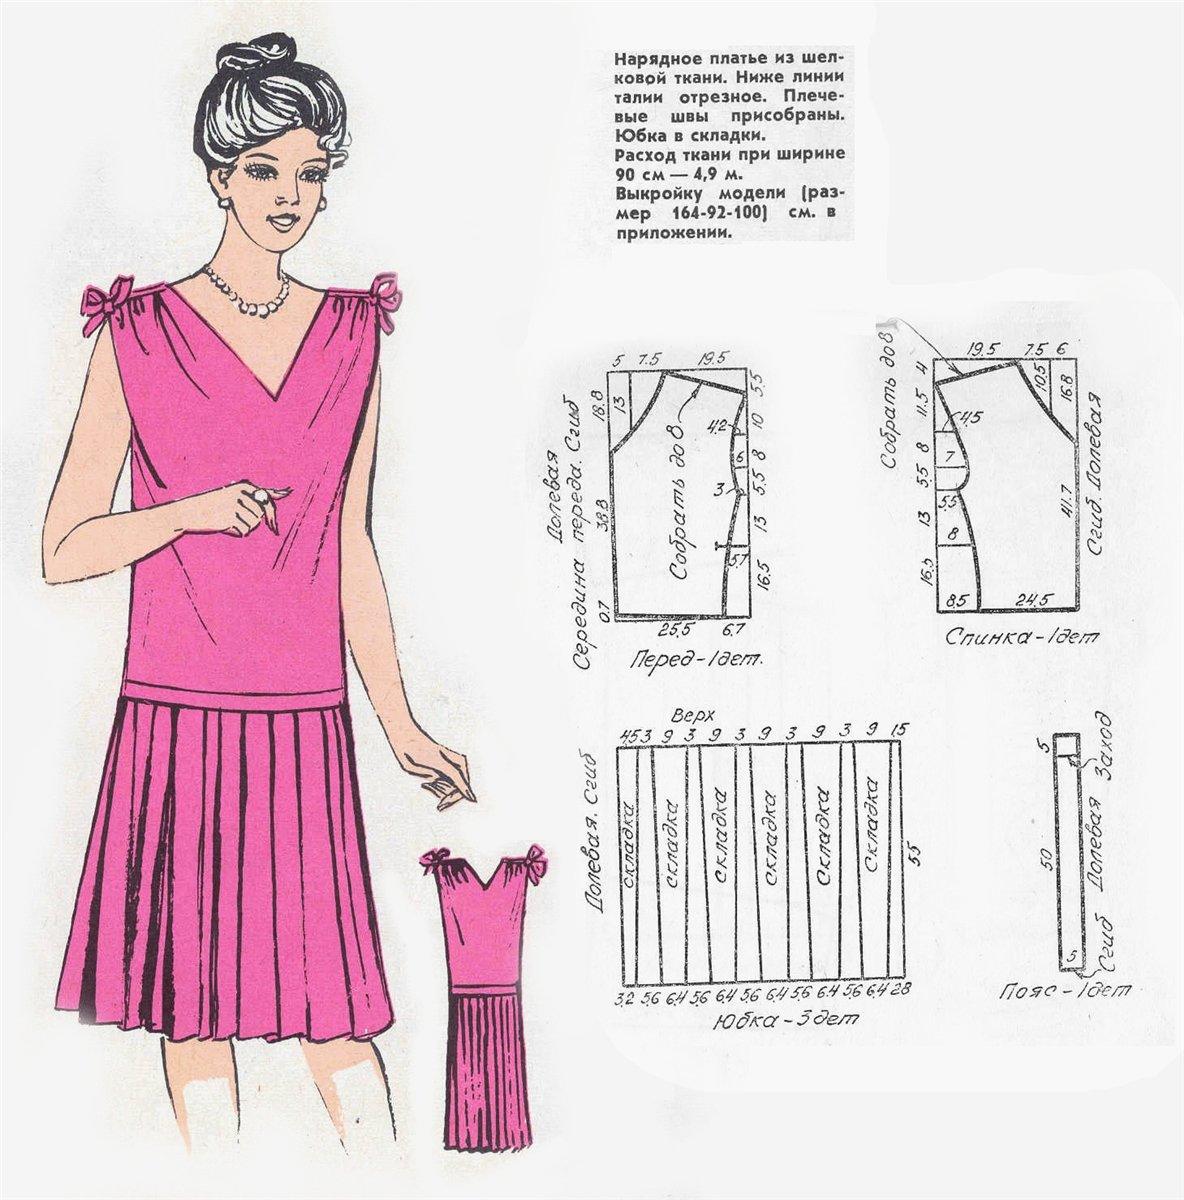 Как быстро сшить платье в домашних условиях